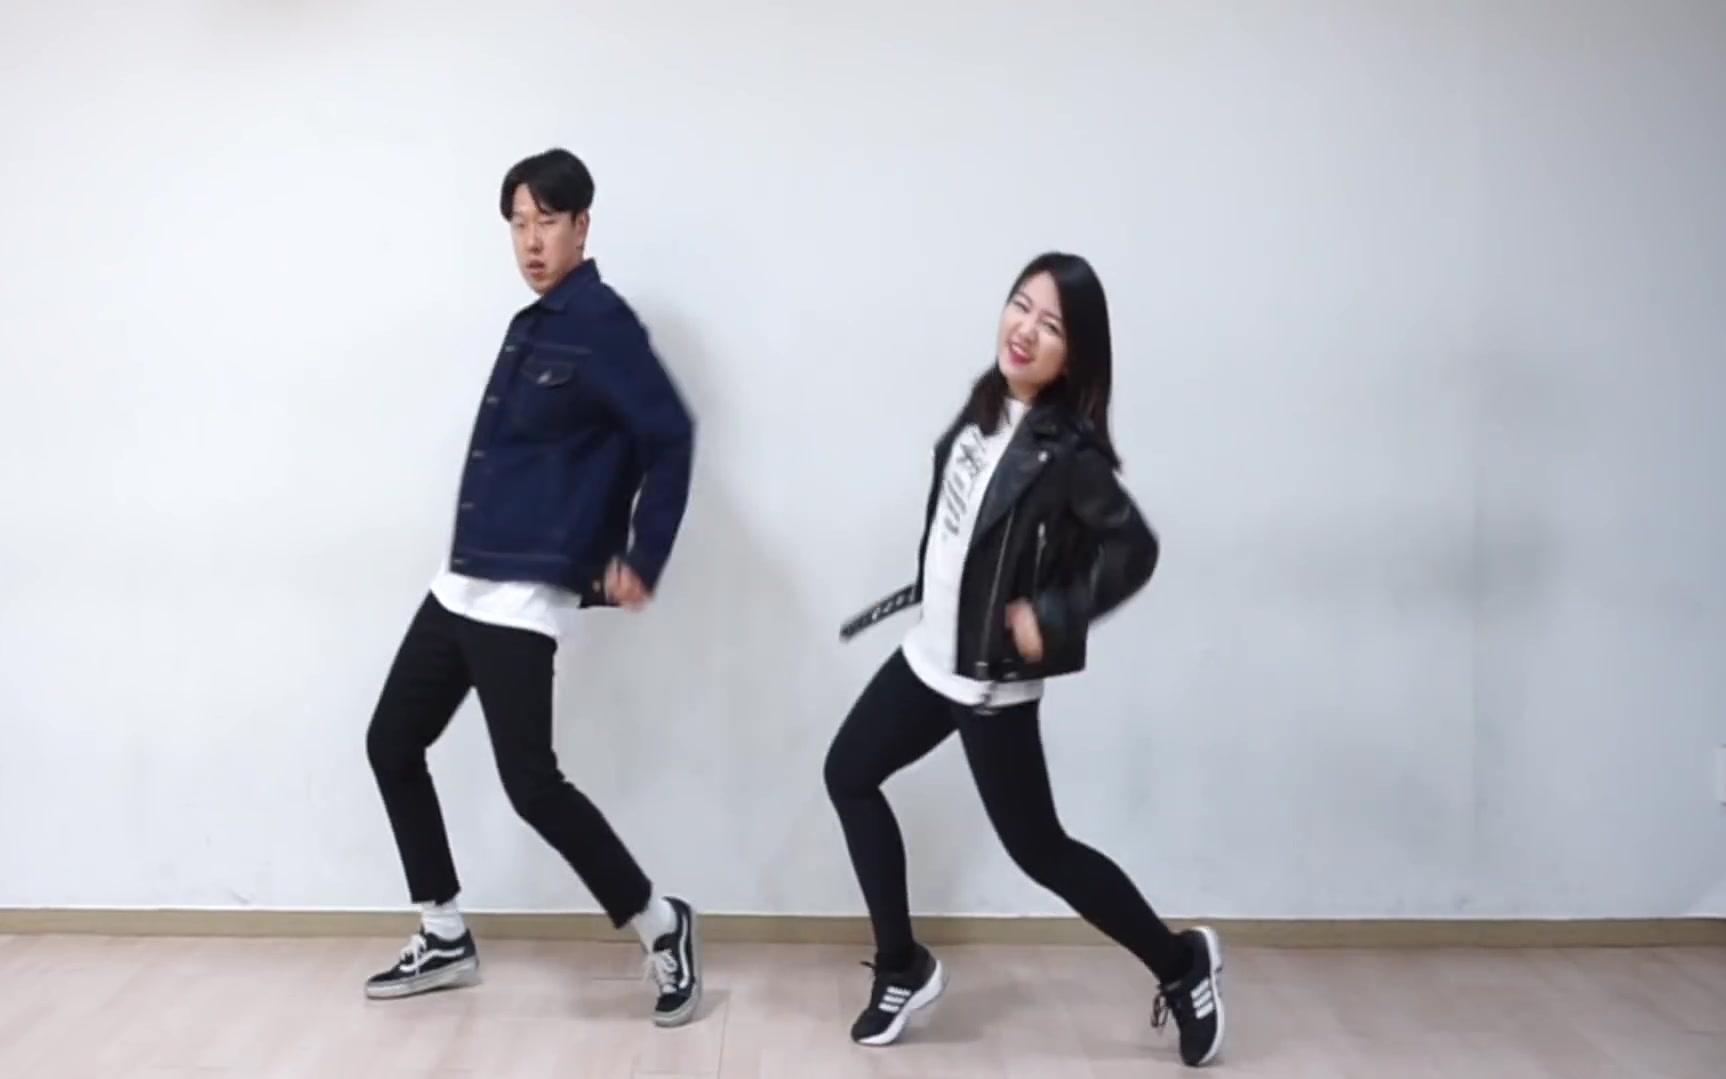 """【舞蹈瘦身操】K-POP """"2周瘦10公斤"""" 減肥舞蹈 SF9 - MAMMA MIA!_嗶哩嗶哩 (゜-゜)つロ 干杯~-bilibili"""